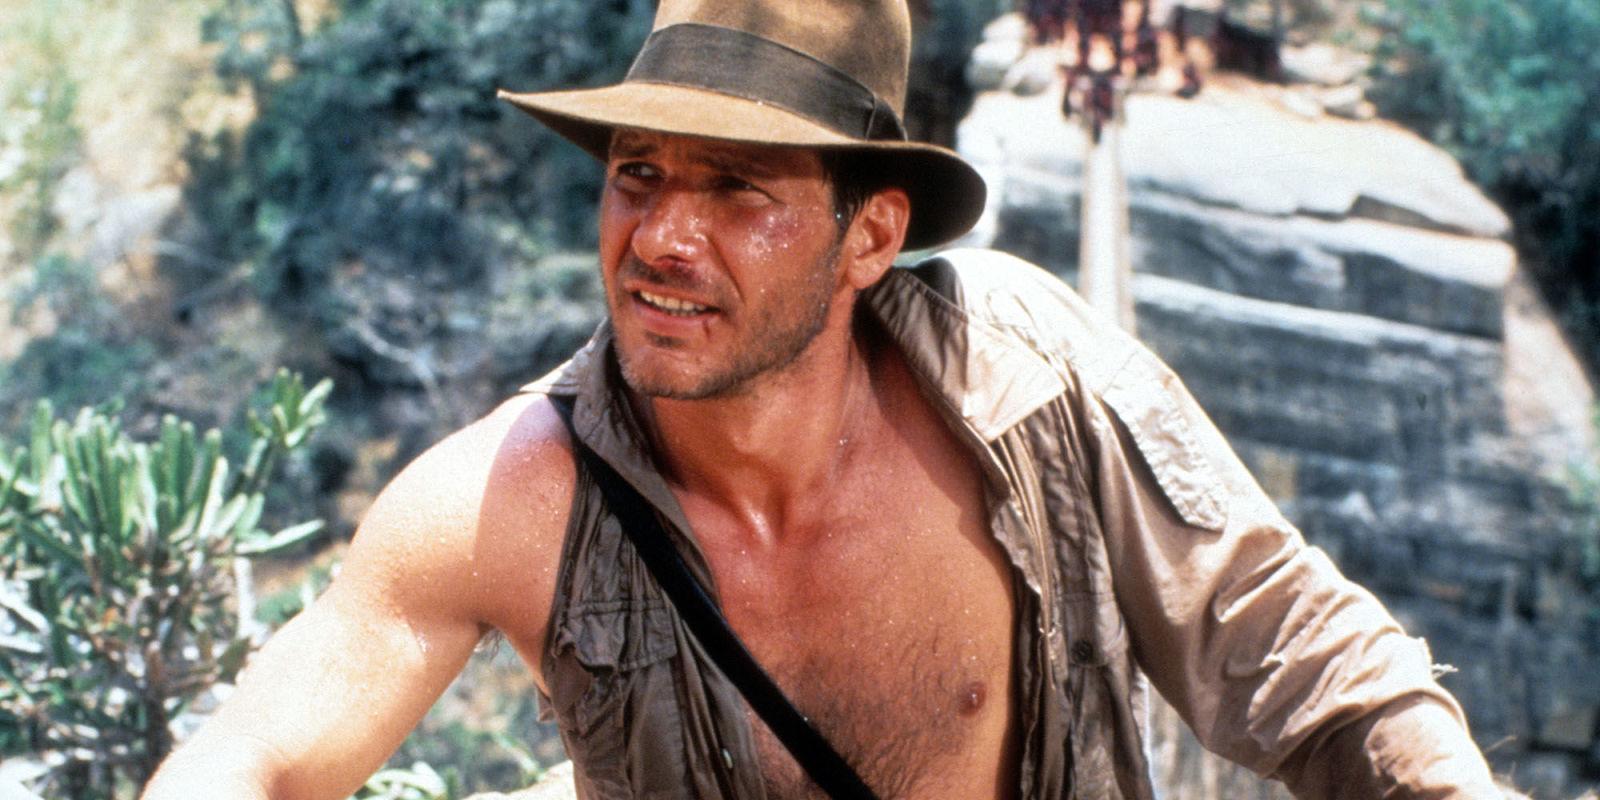 Indiana jones movie actors